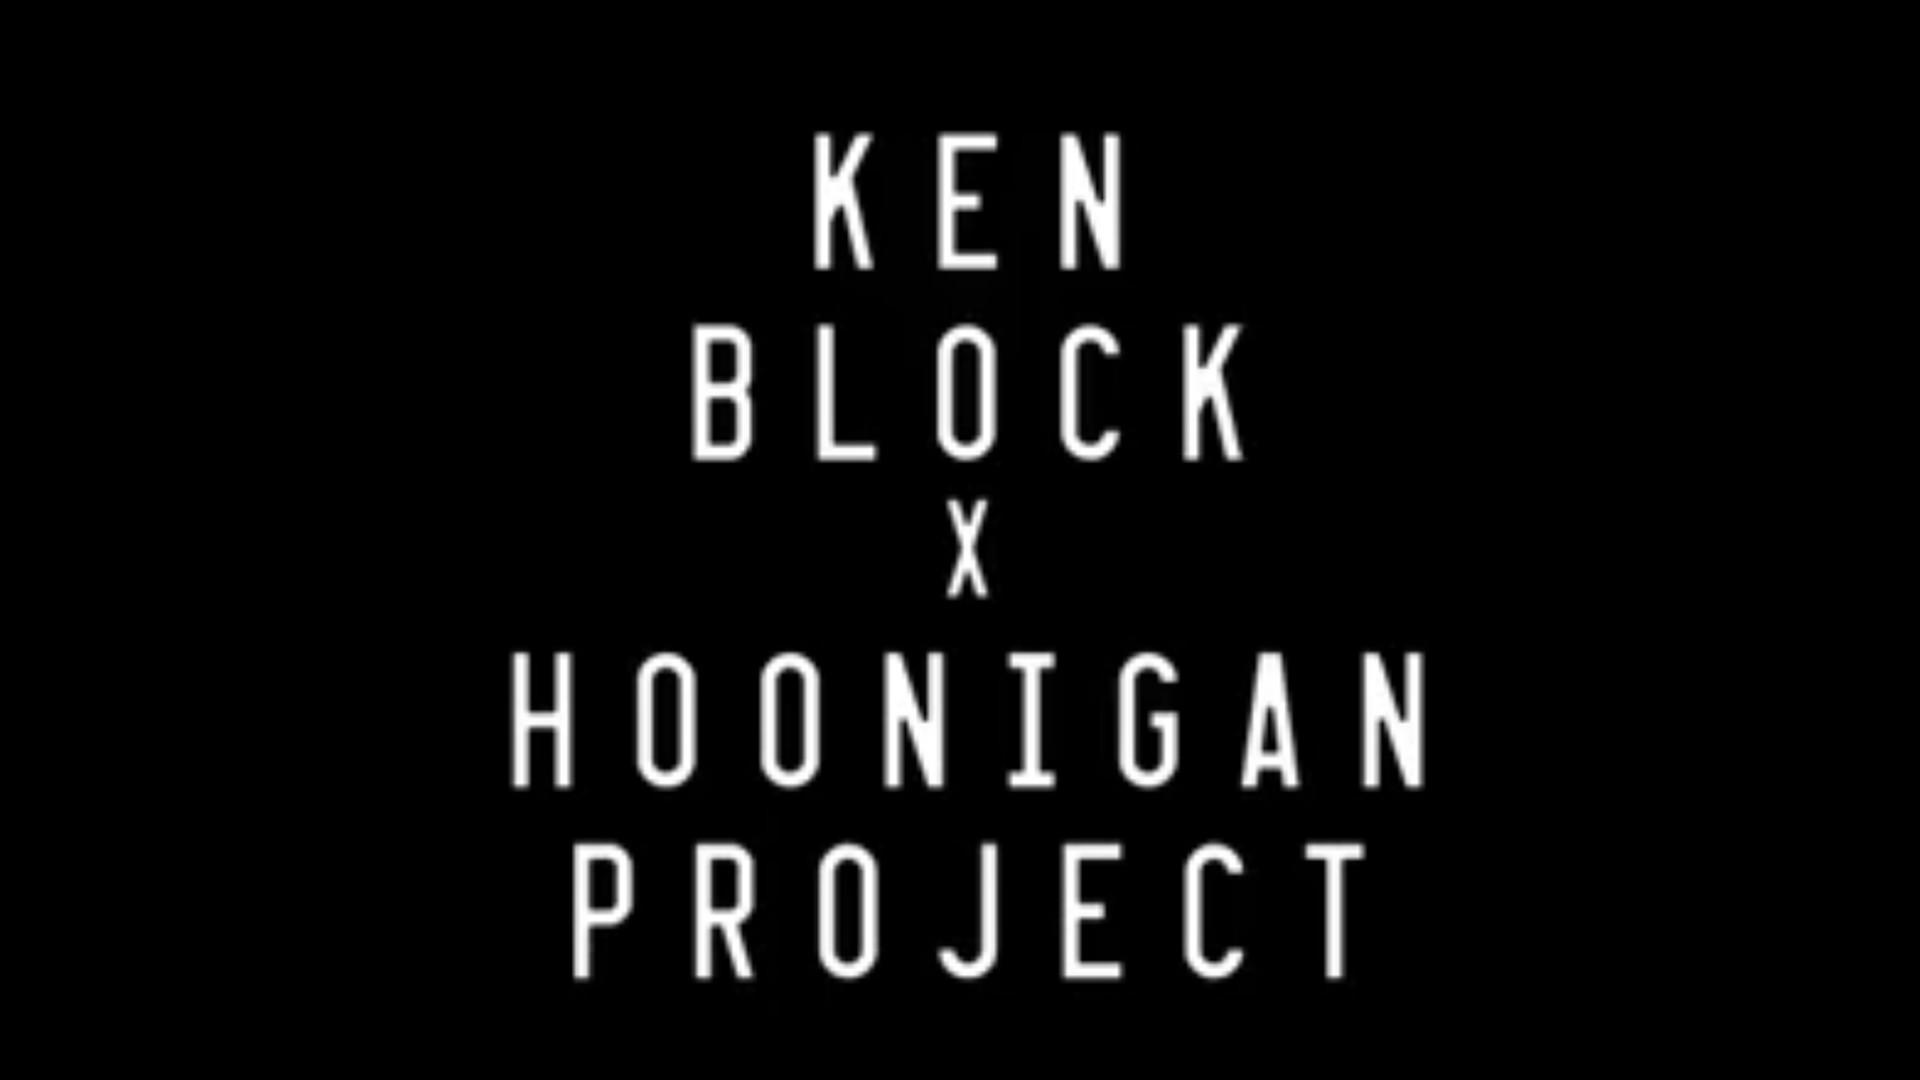 Hoonigan wallpaper hd 81 images - Hoonigan logo ...